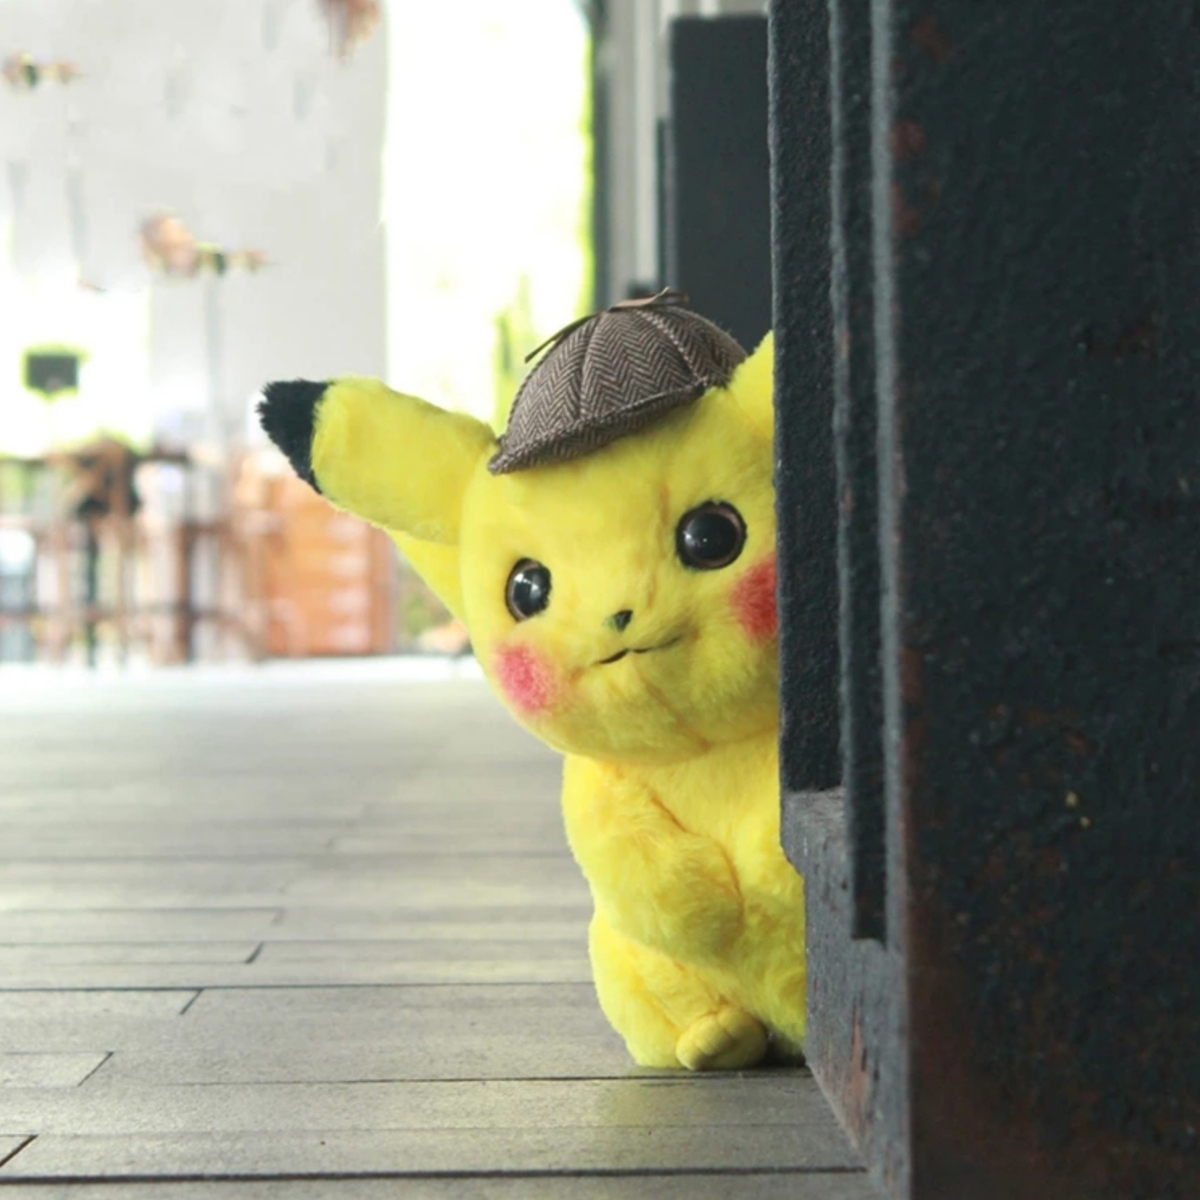 海外限定品 送料込み 日本未発売 ピカチュウ ぬいぐるみ 映画 Pikachu 名探偵ピカチュウ ピカチュー